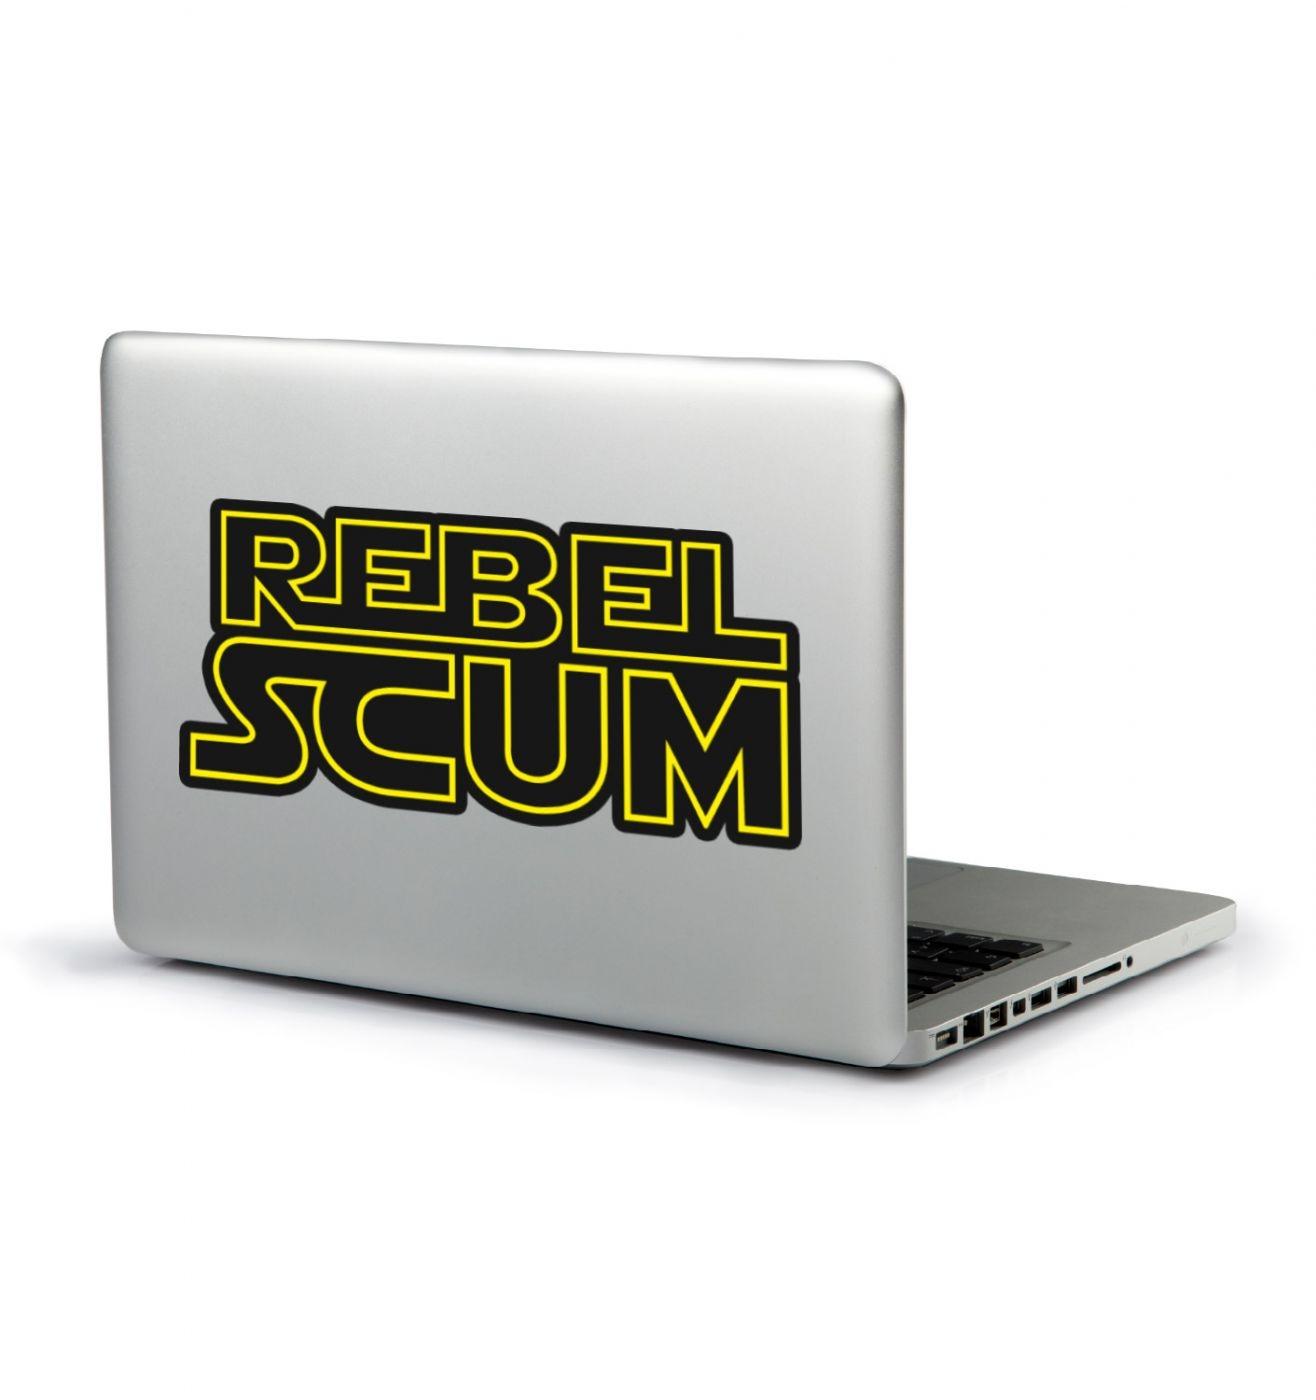 Rebel Scum laptop sticker